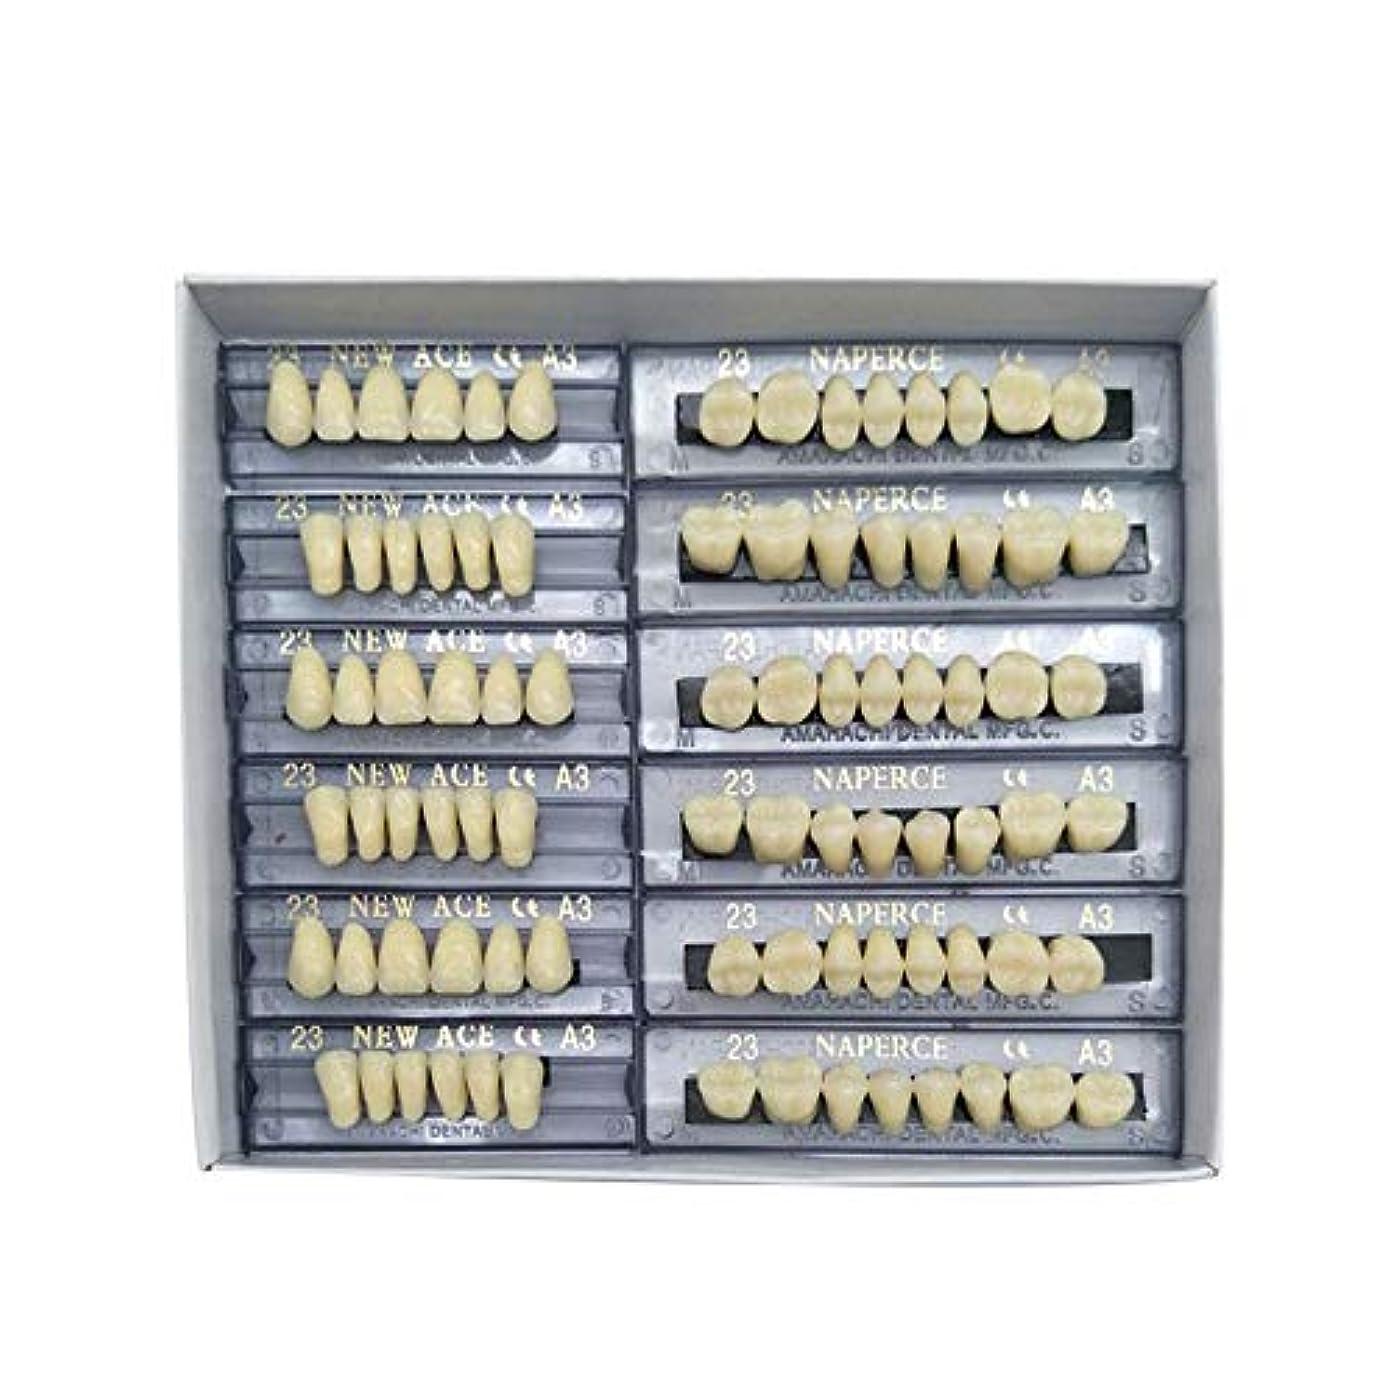 事前に権限そよ風SHINA 12セット合成ポリマー樹脂義歯 上+下歯科セット (A3)